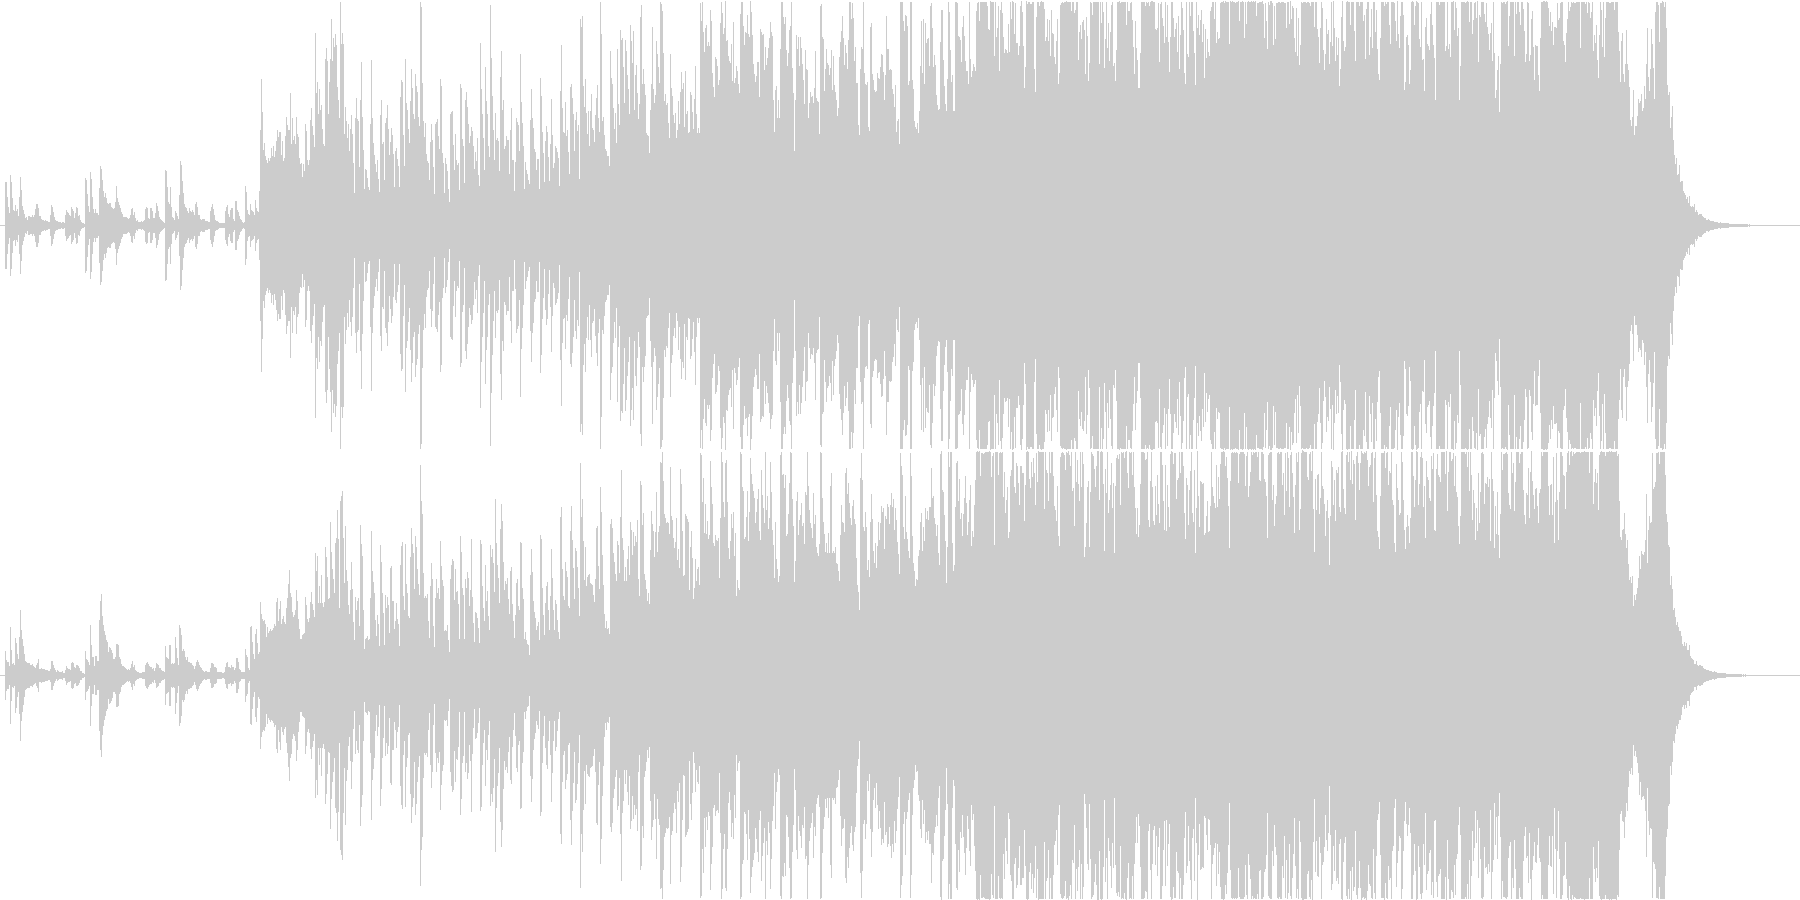 映像】疾走感、壮大感 ピアノオーケストラの未再生の波形